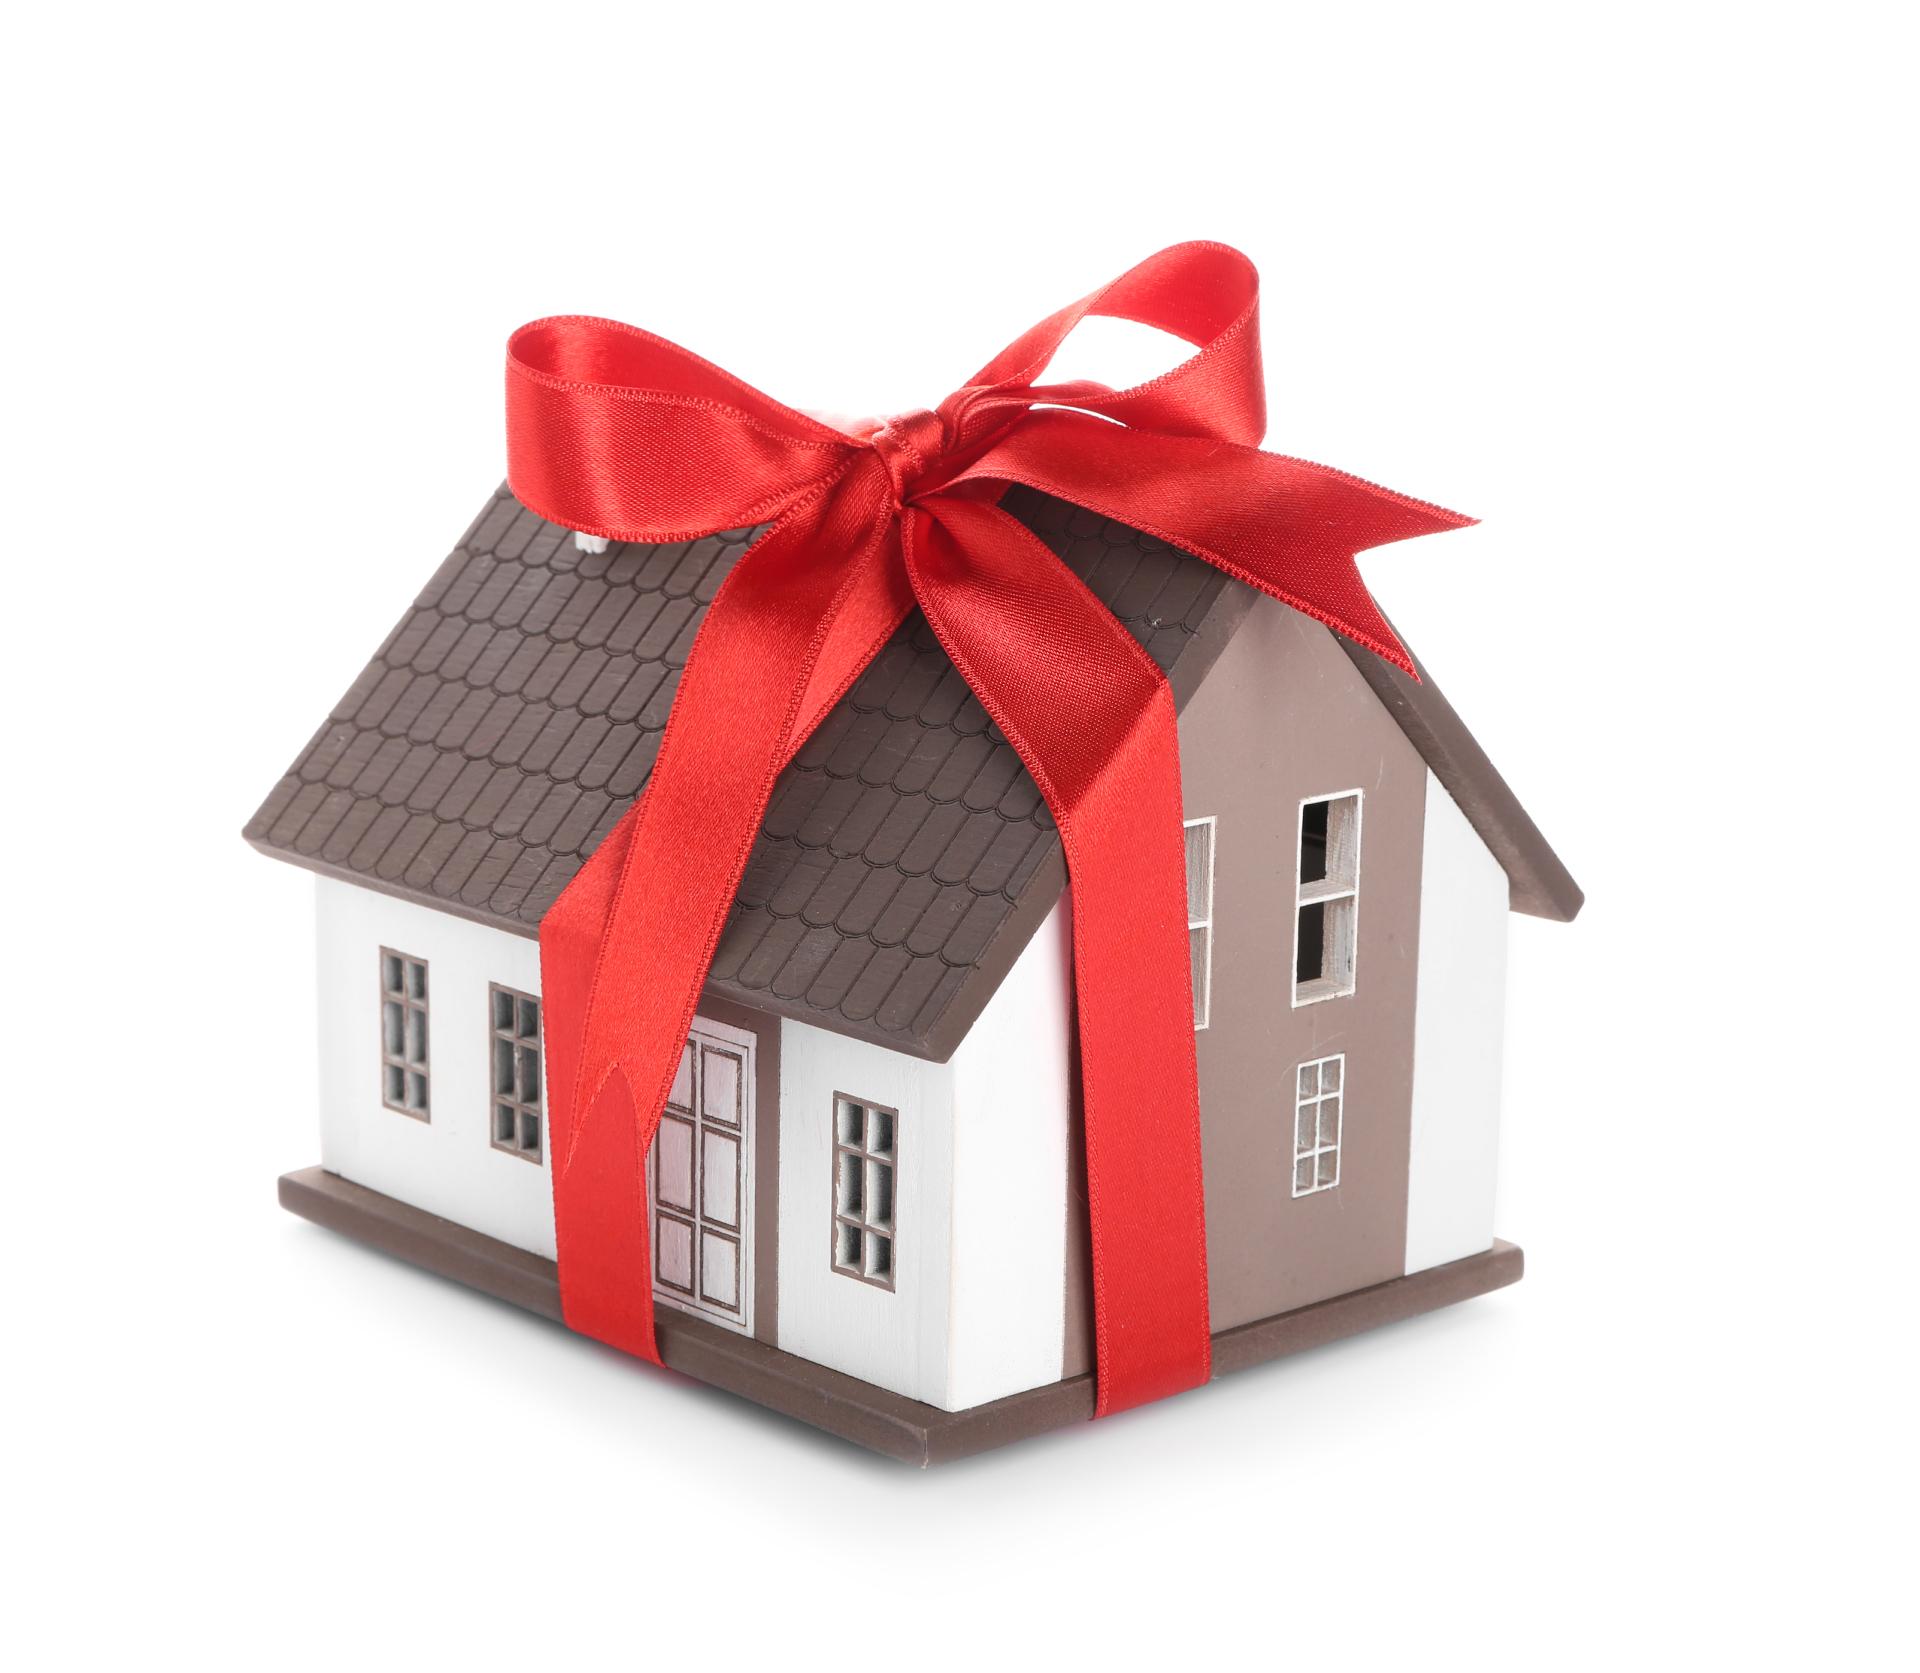 После перехода права собственности на квартиру к одаряемому он несет бремя содержания этого имущества и может распоряжаться им по своему усмотрению